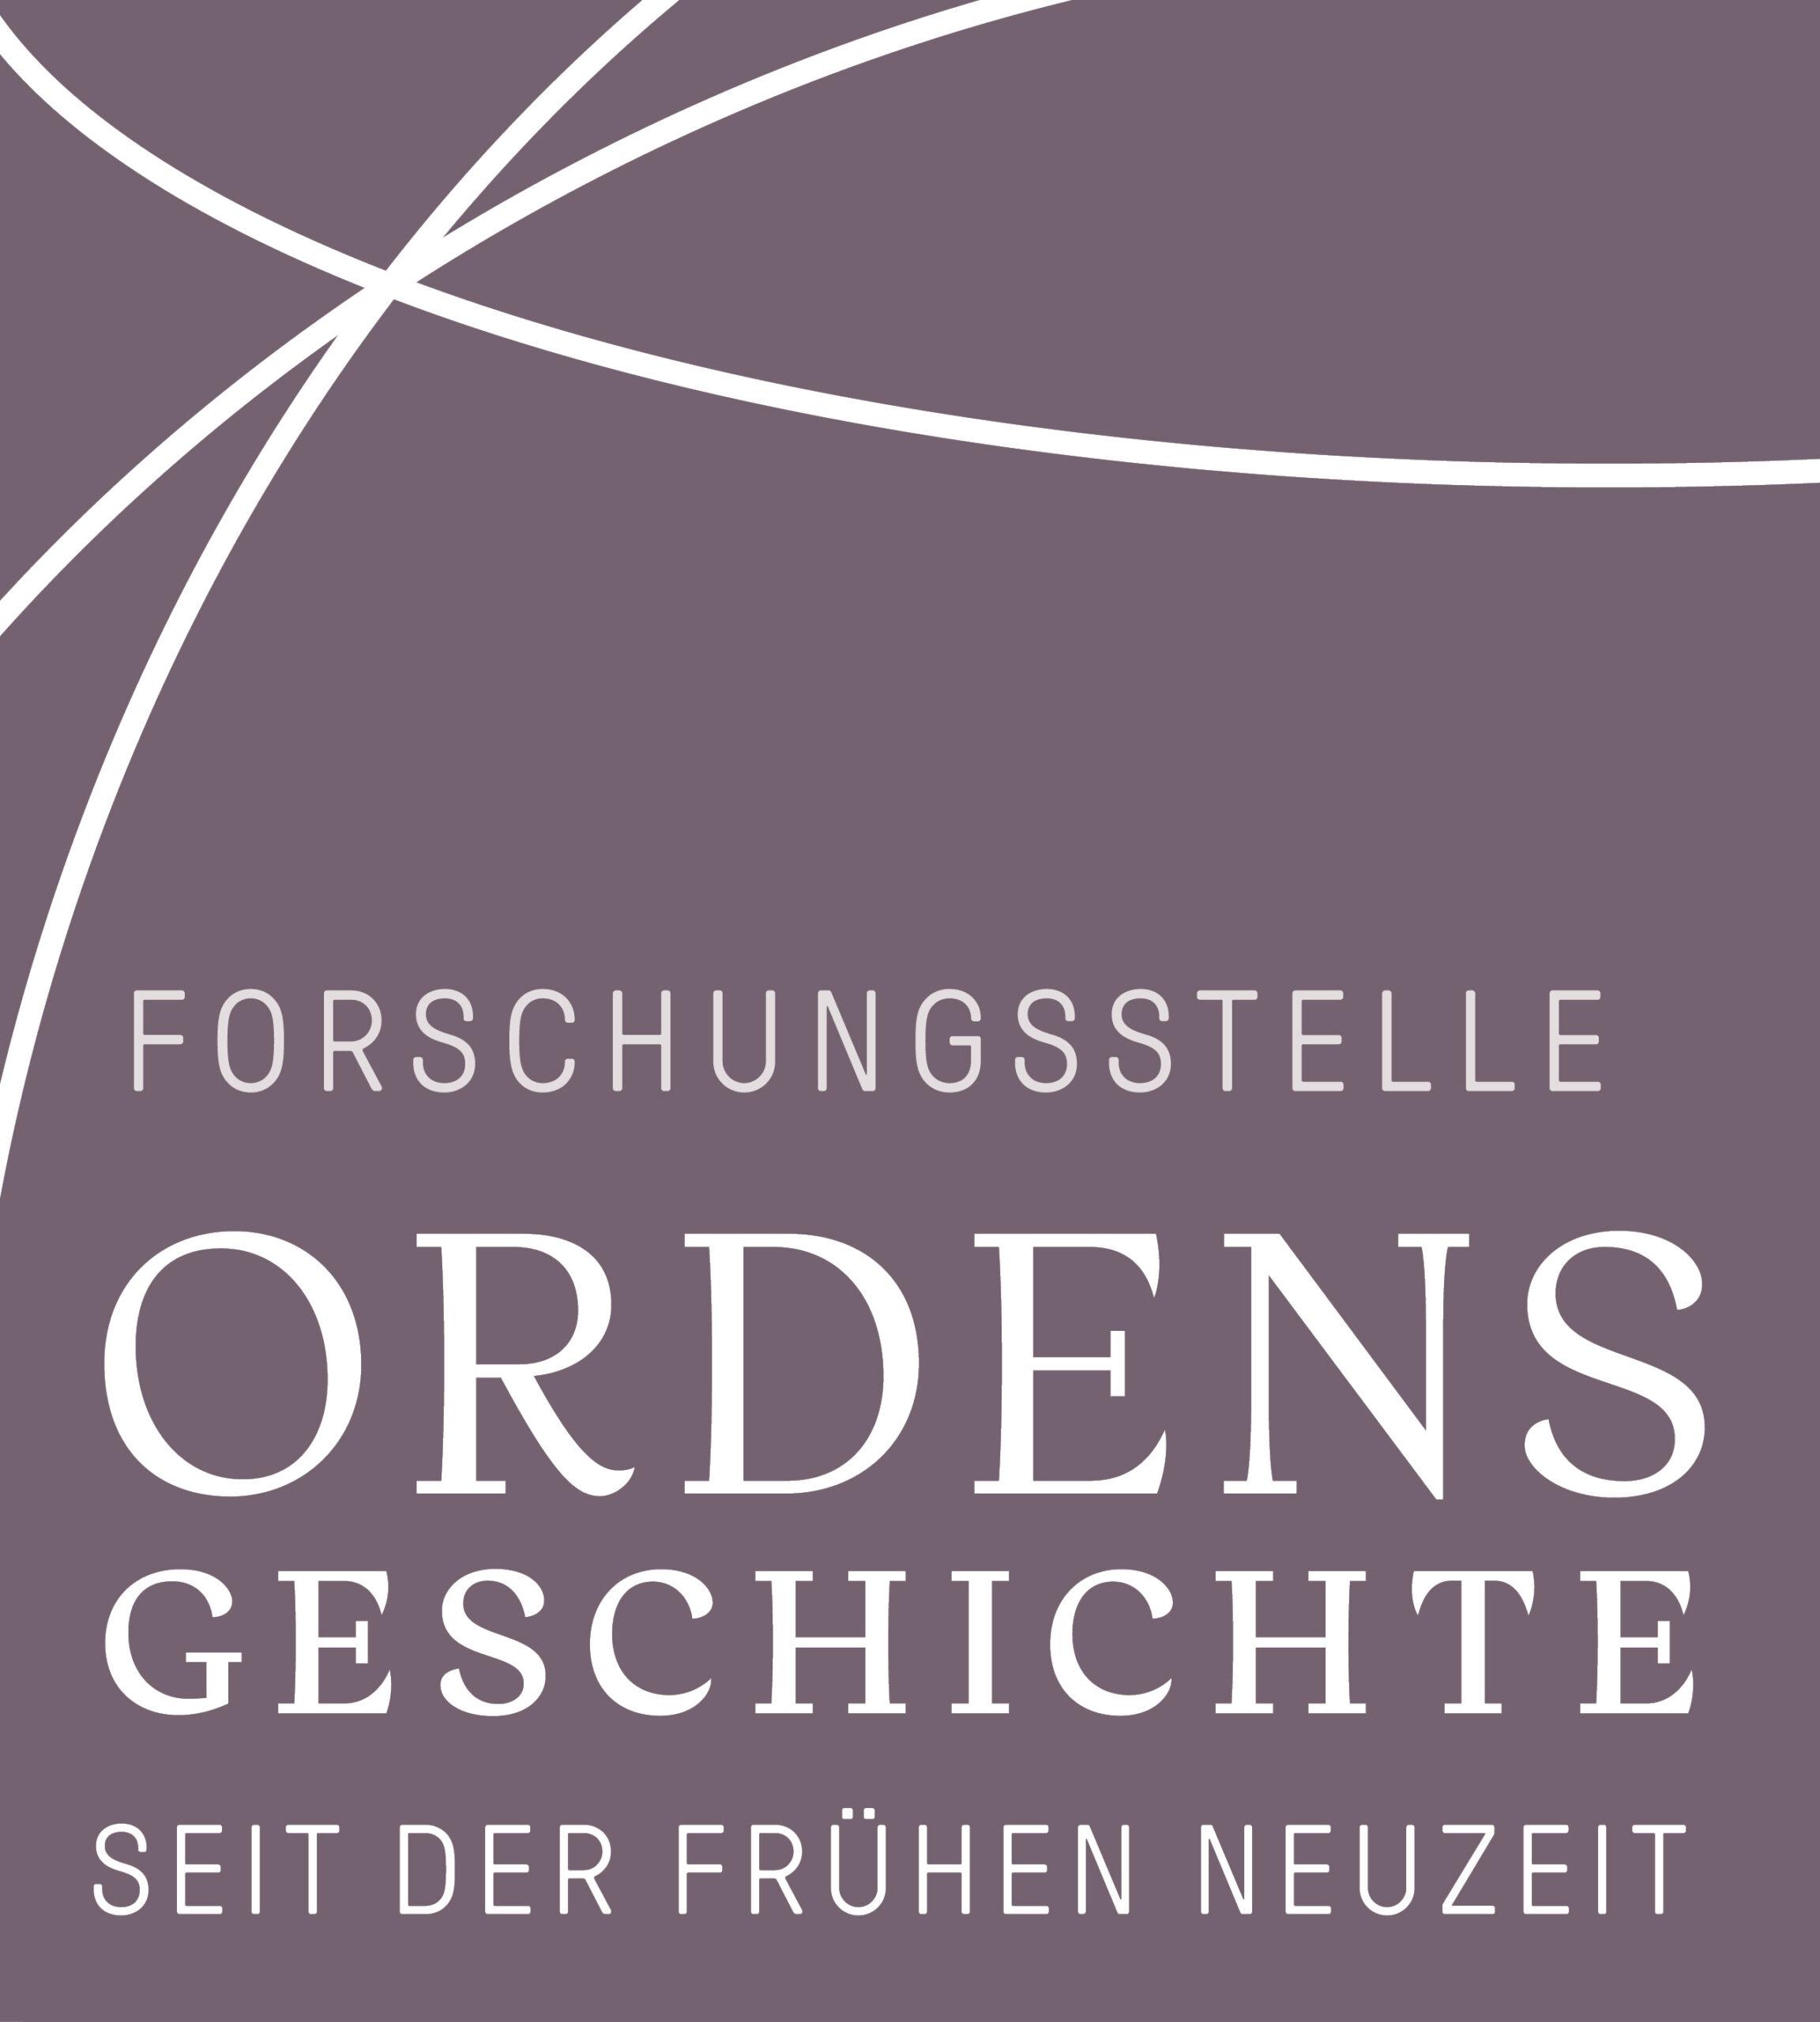 Forschungsstelle Ordensgeschichte